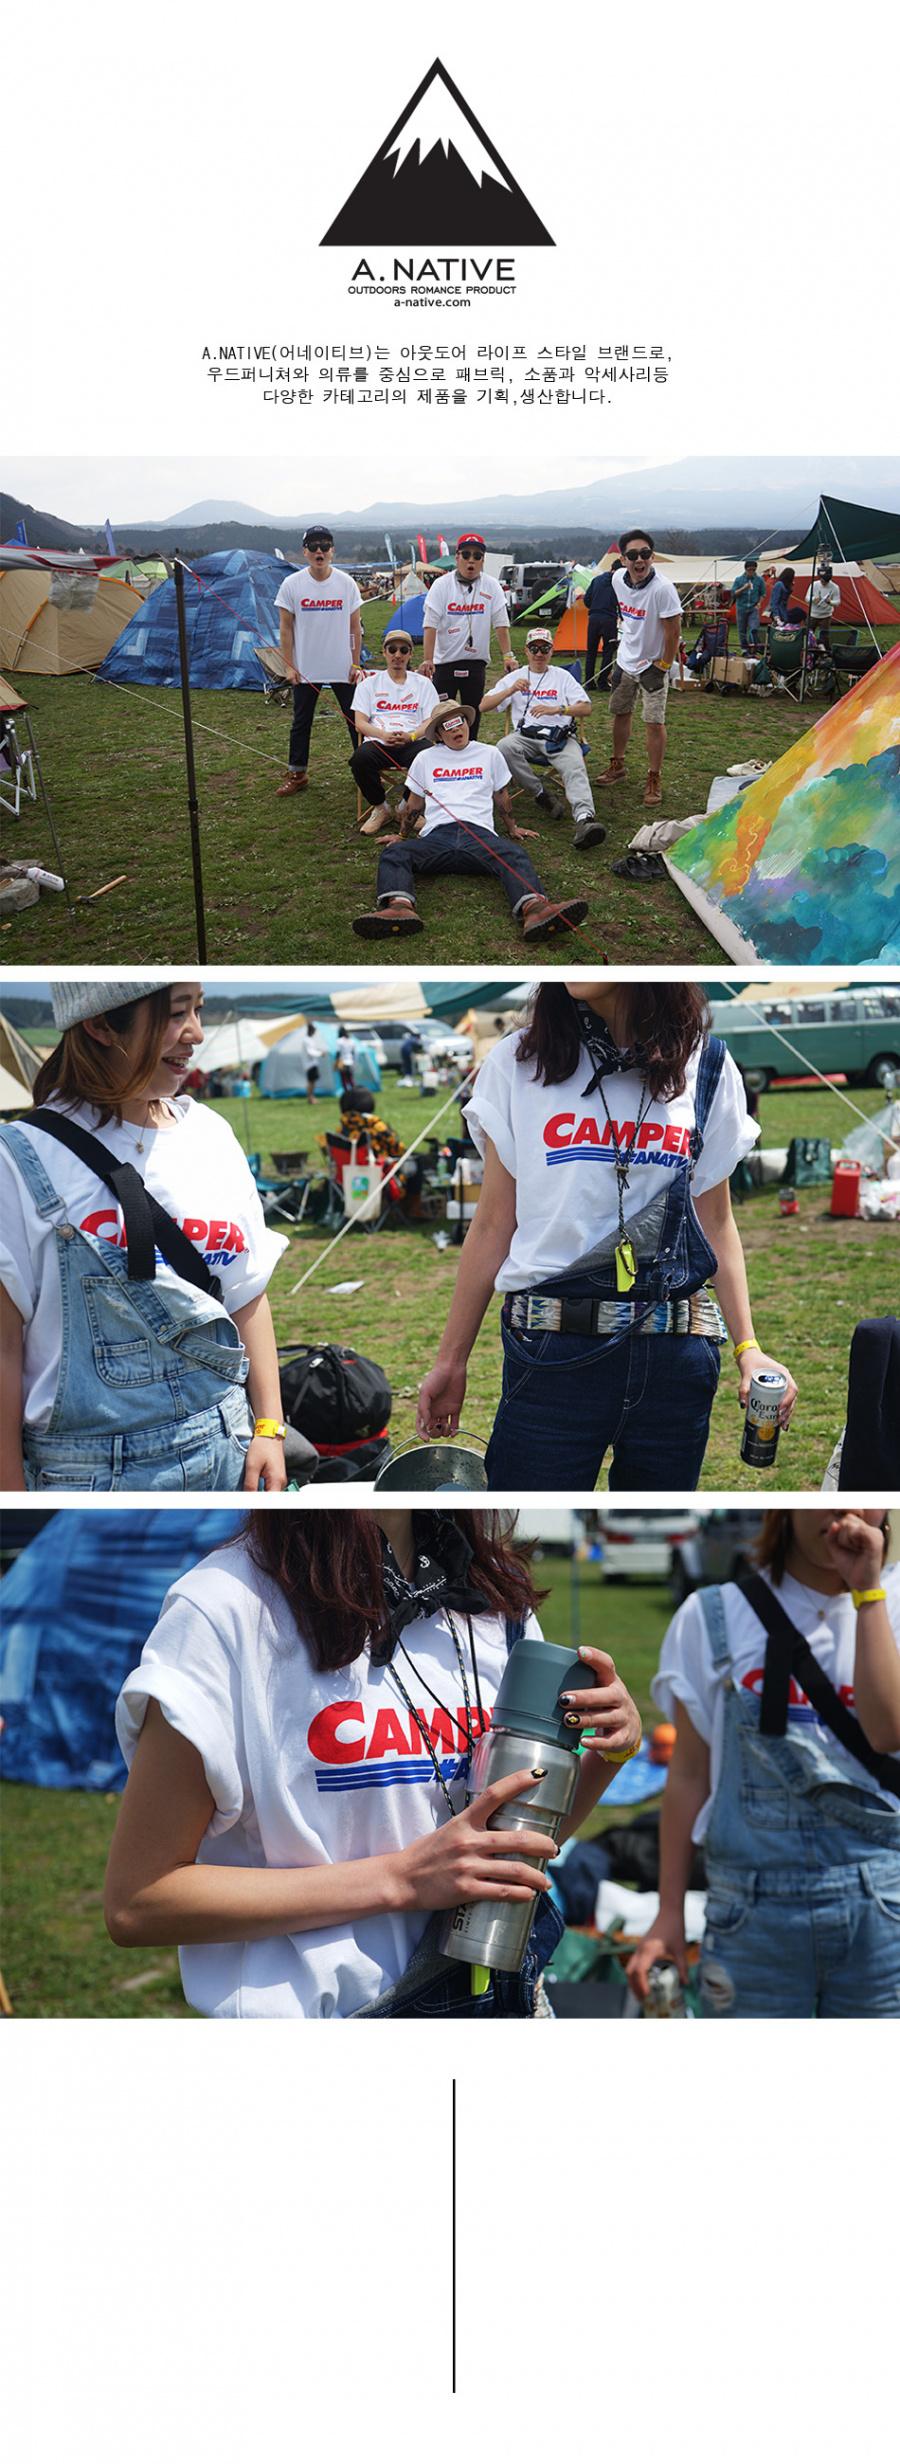 어네이티브(A.NATIVE) (30수) [남녀공용] 캠퍼 vip  골드 스타 맴버 로고 오버핏 반팔 티셔츠 (화이트)